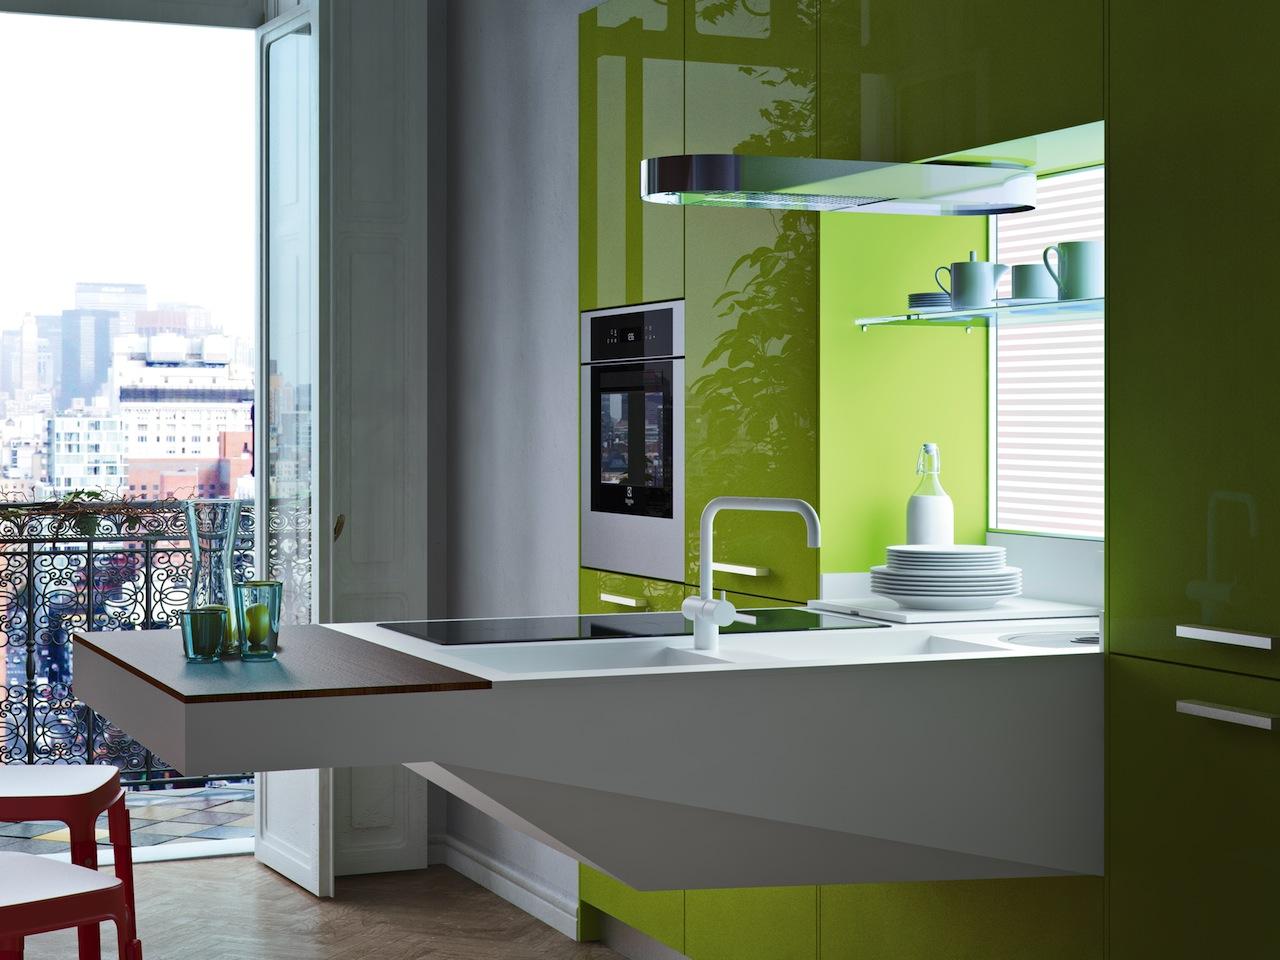 Keuken Kleur Kiezen : Durf te wonen met kleur – Nieuws Startpagina voor Interieur en wonen